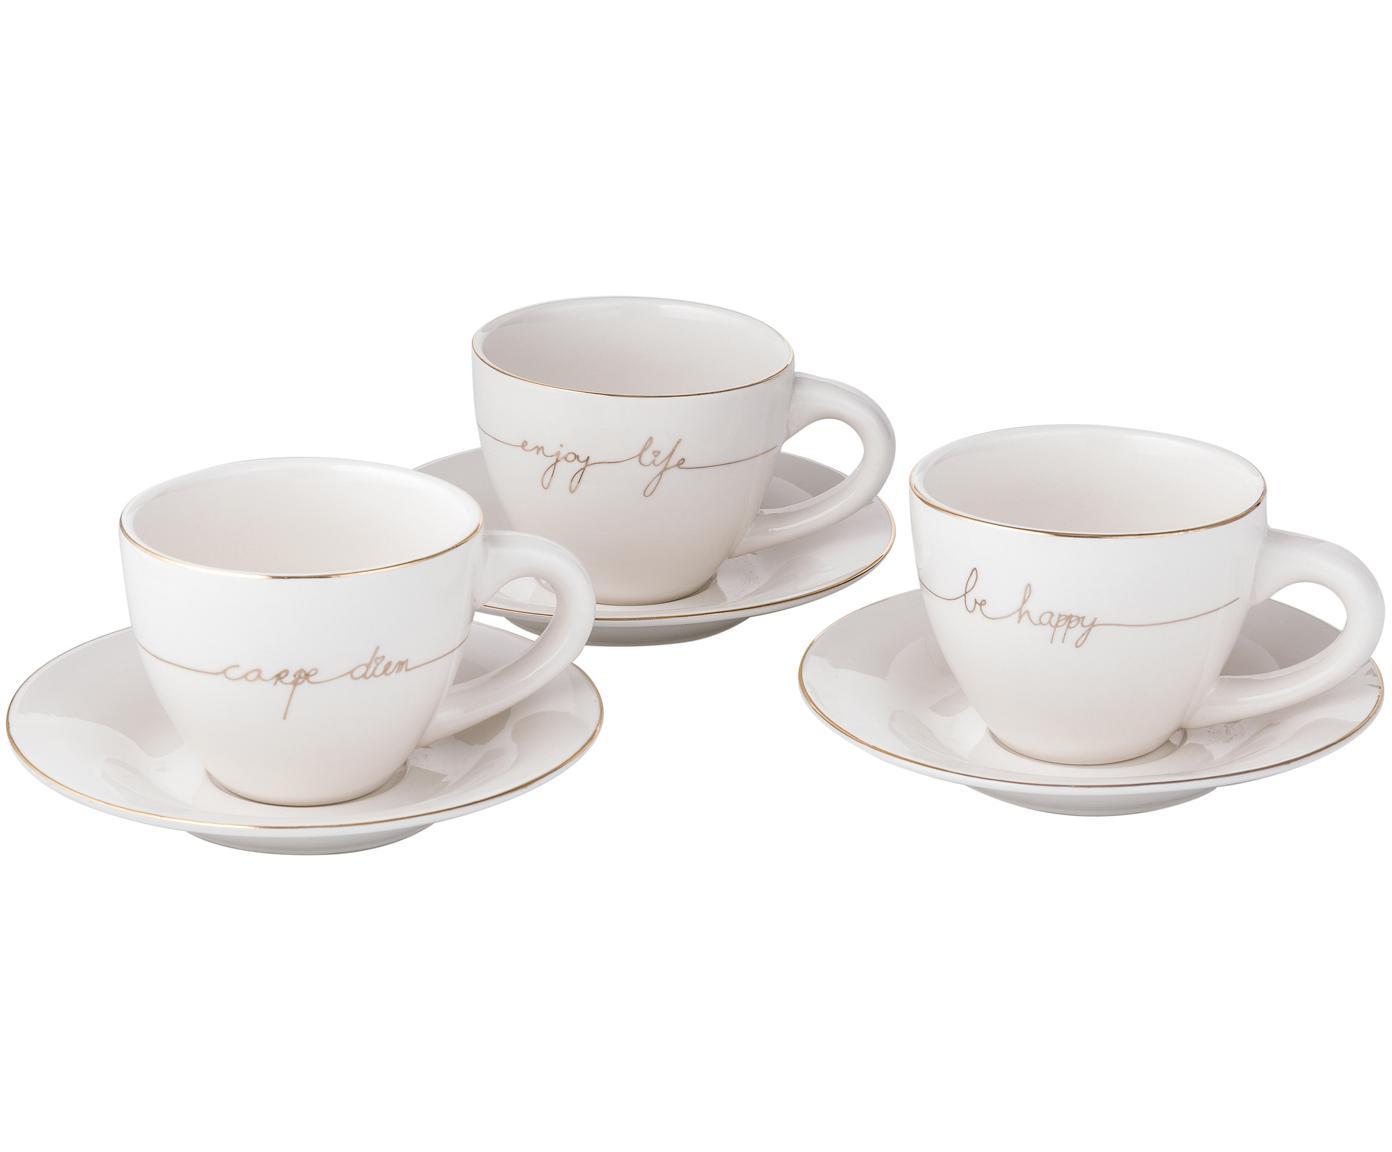 Teetassen Happy mit Untertasse, 3er-Set, Porzellan, Weiss, Goldfarben, Ø 15 x H 8 cm